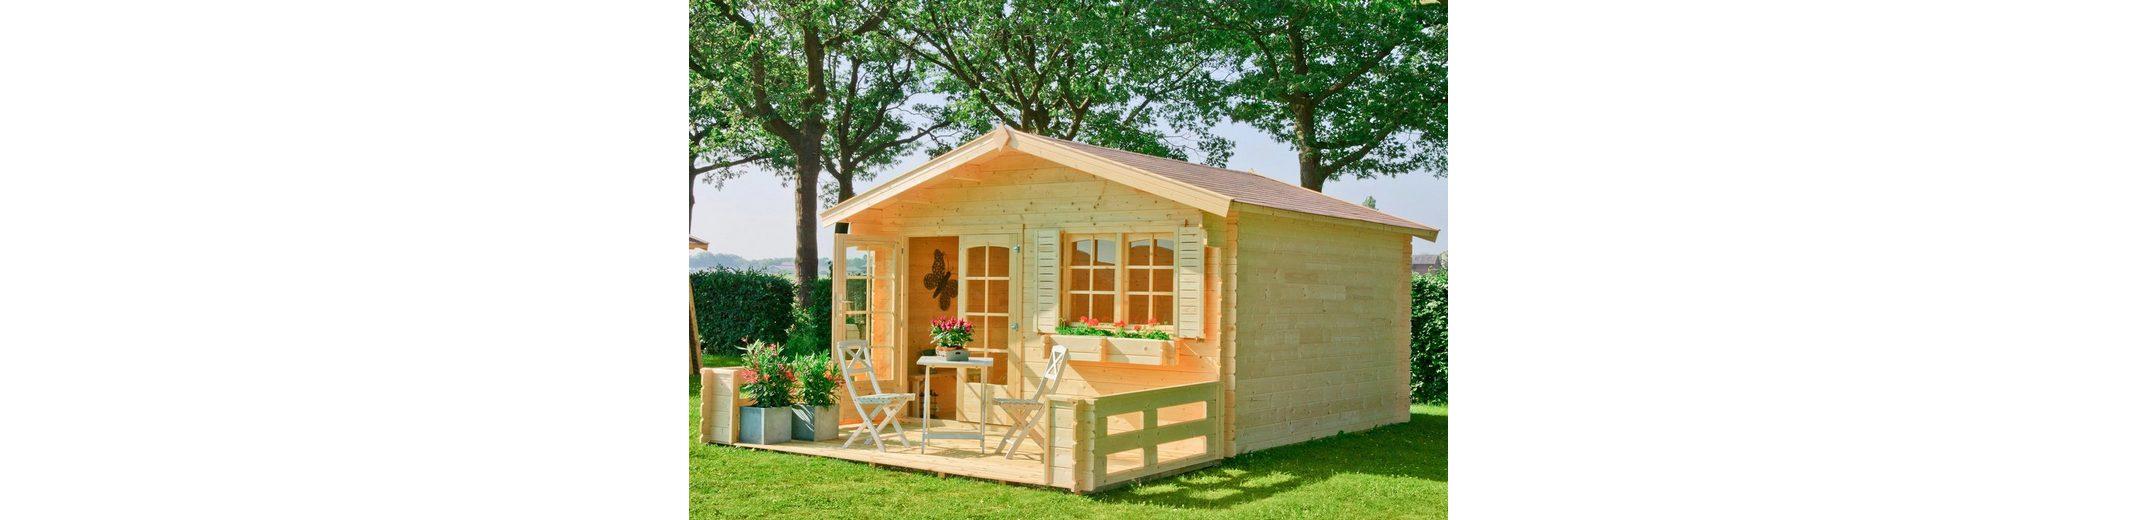 Gartenhaus »Montana 3«, BxT: 390x390 cm